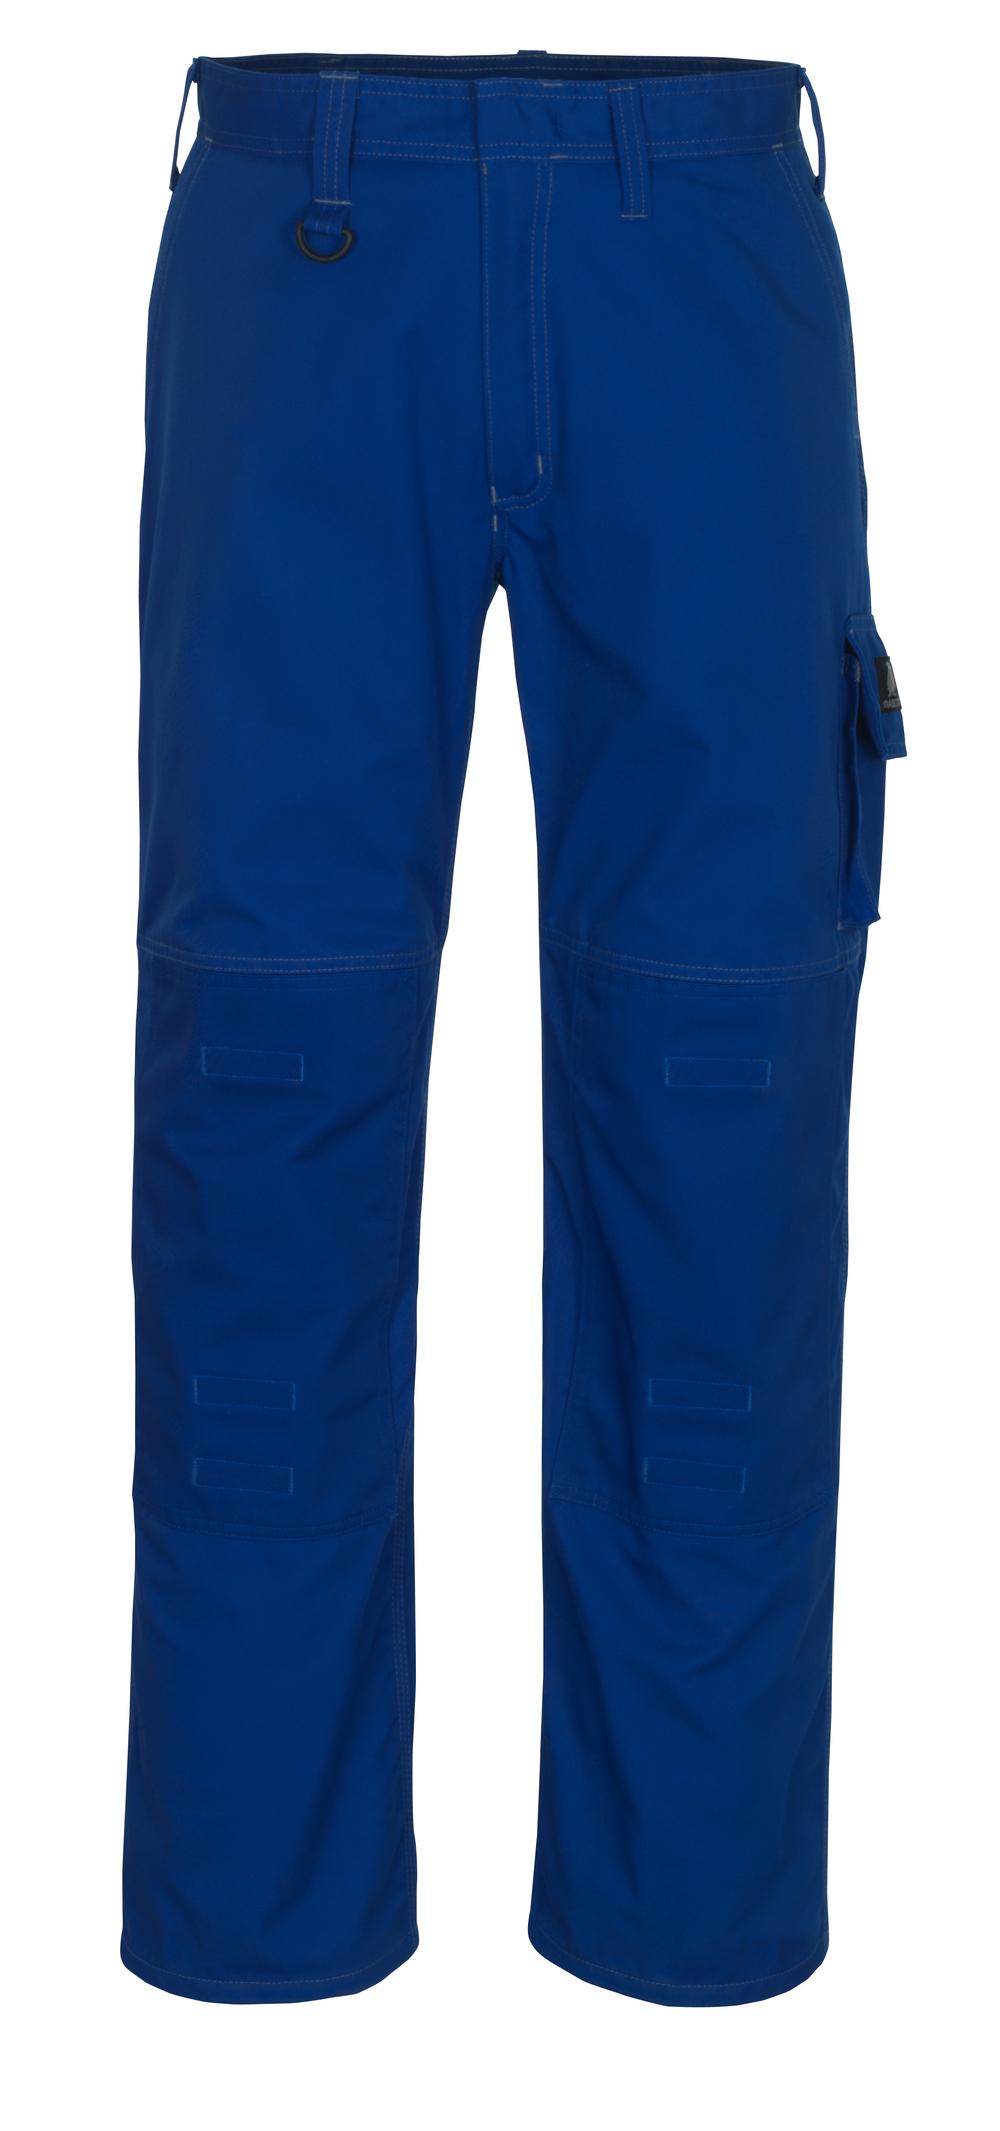 13179-430-11 Pantalon avec poches genouillères - Bleu roi